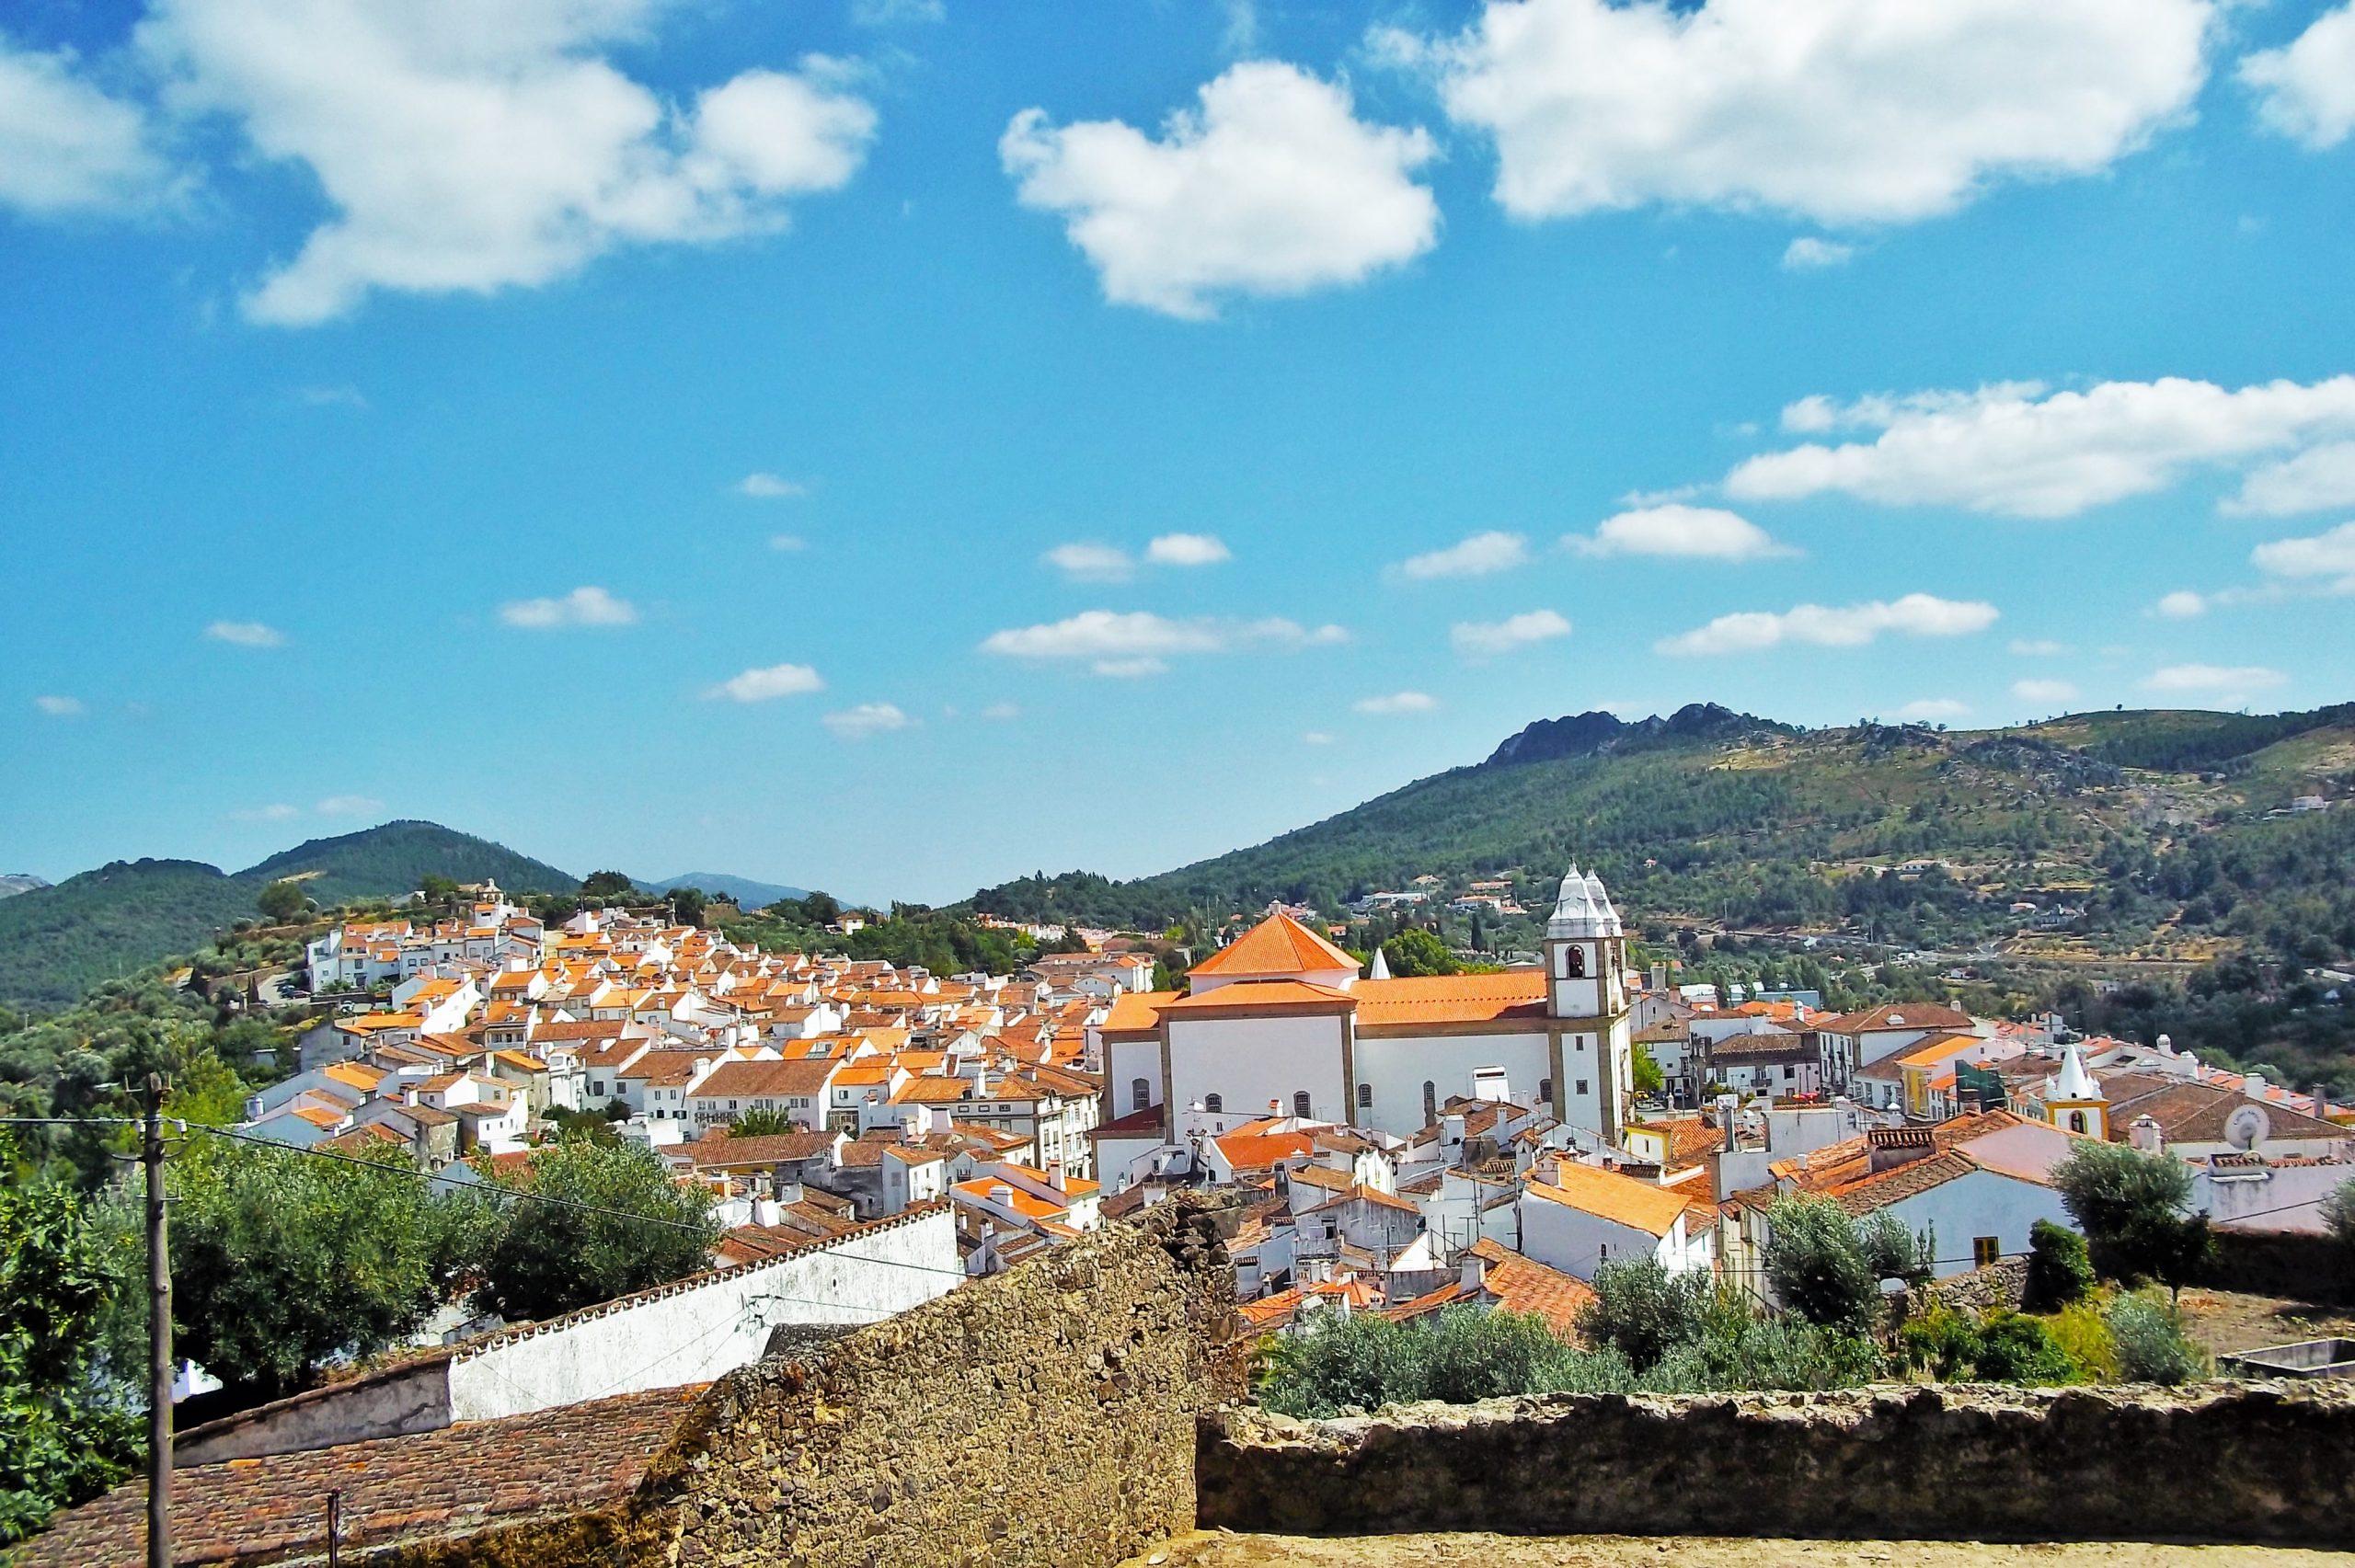 Le foto dell'arrivo in Portogallo